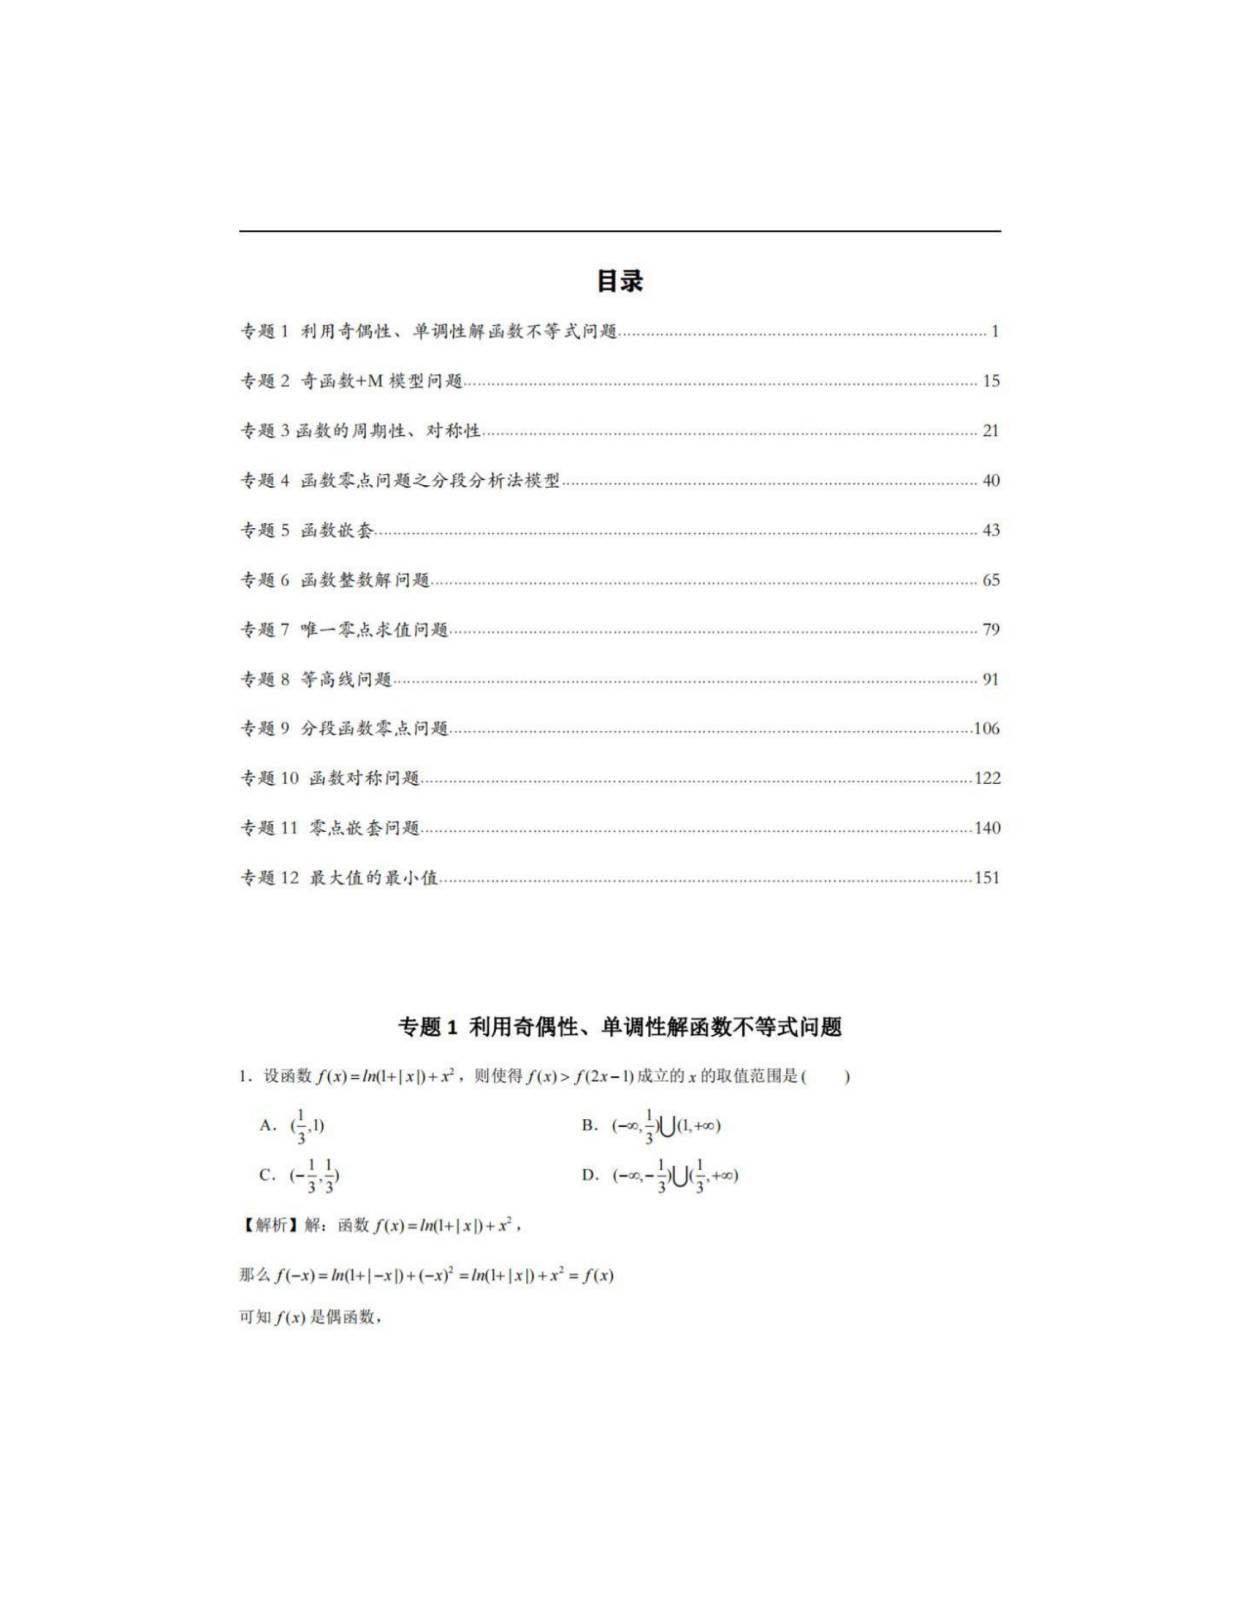 高中数学——函数压轴小题——专题突破12讲,155页(培优必备)